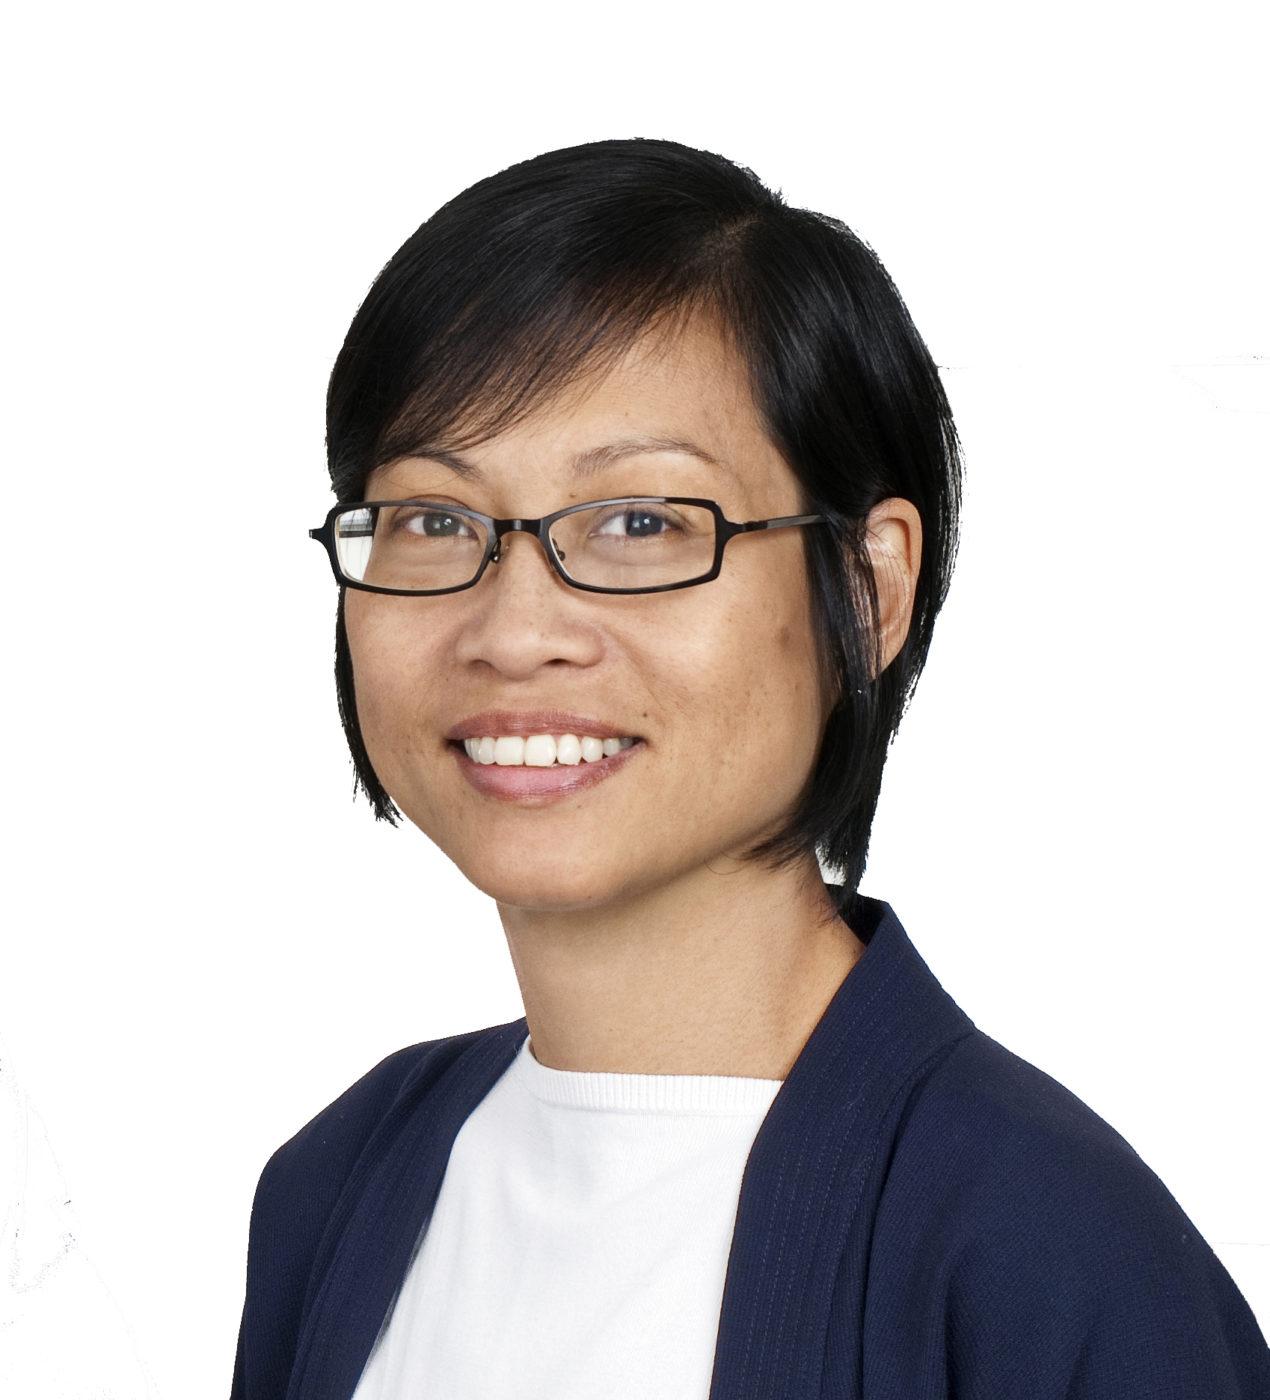 Kathy Chia portrait- white background